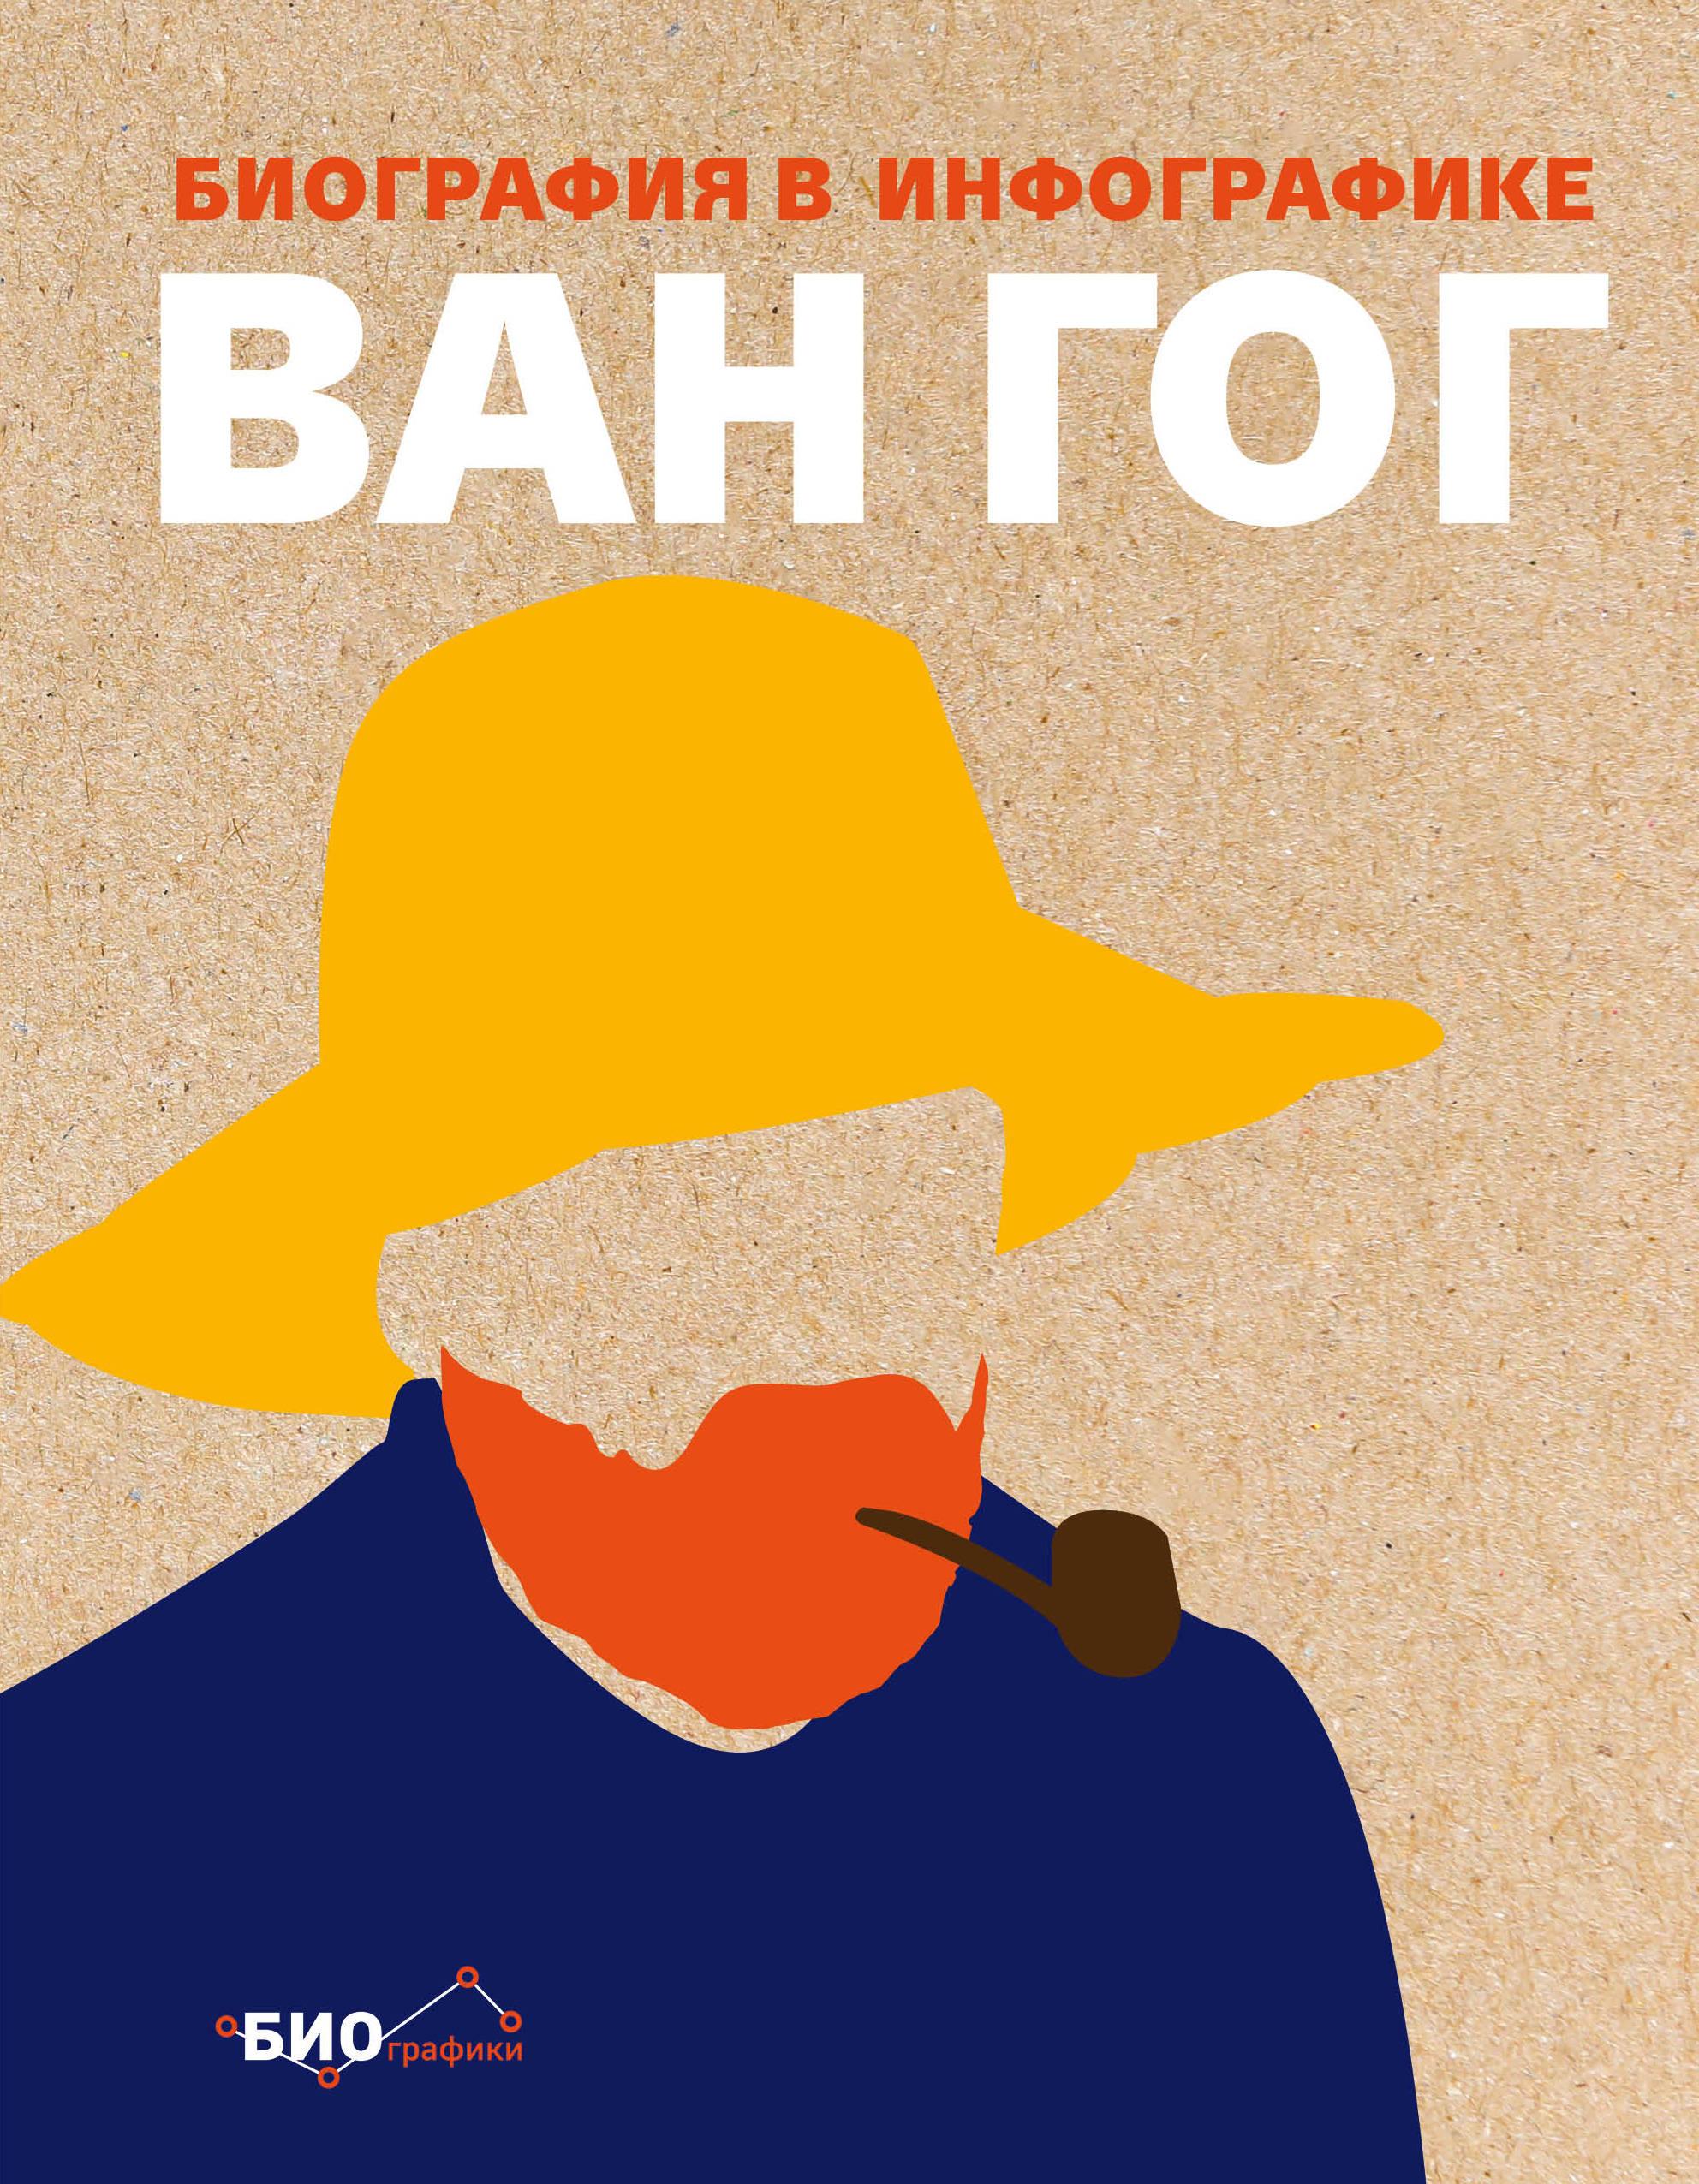 Sophie Collins Ван Гог. Биография в инфографике пажак ф ван гог иллюстрированная биография